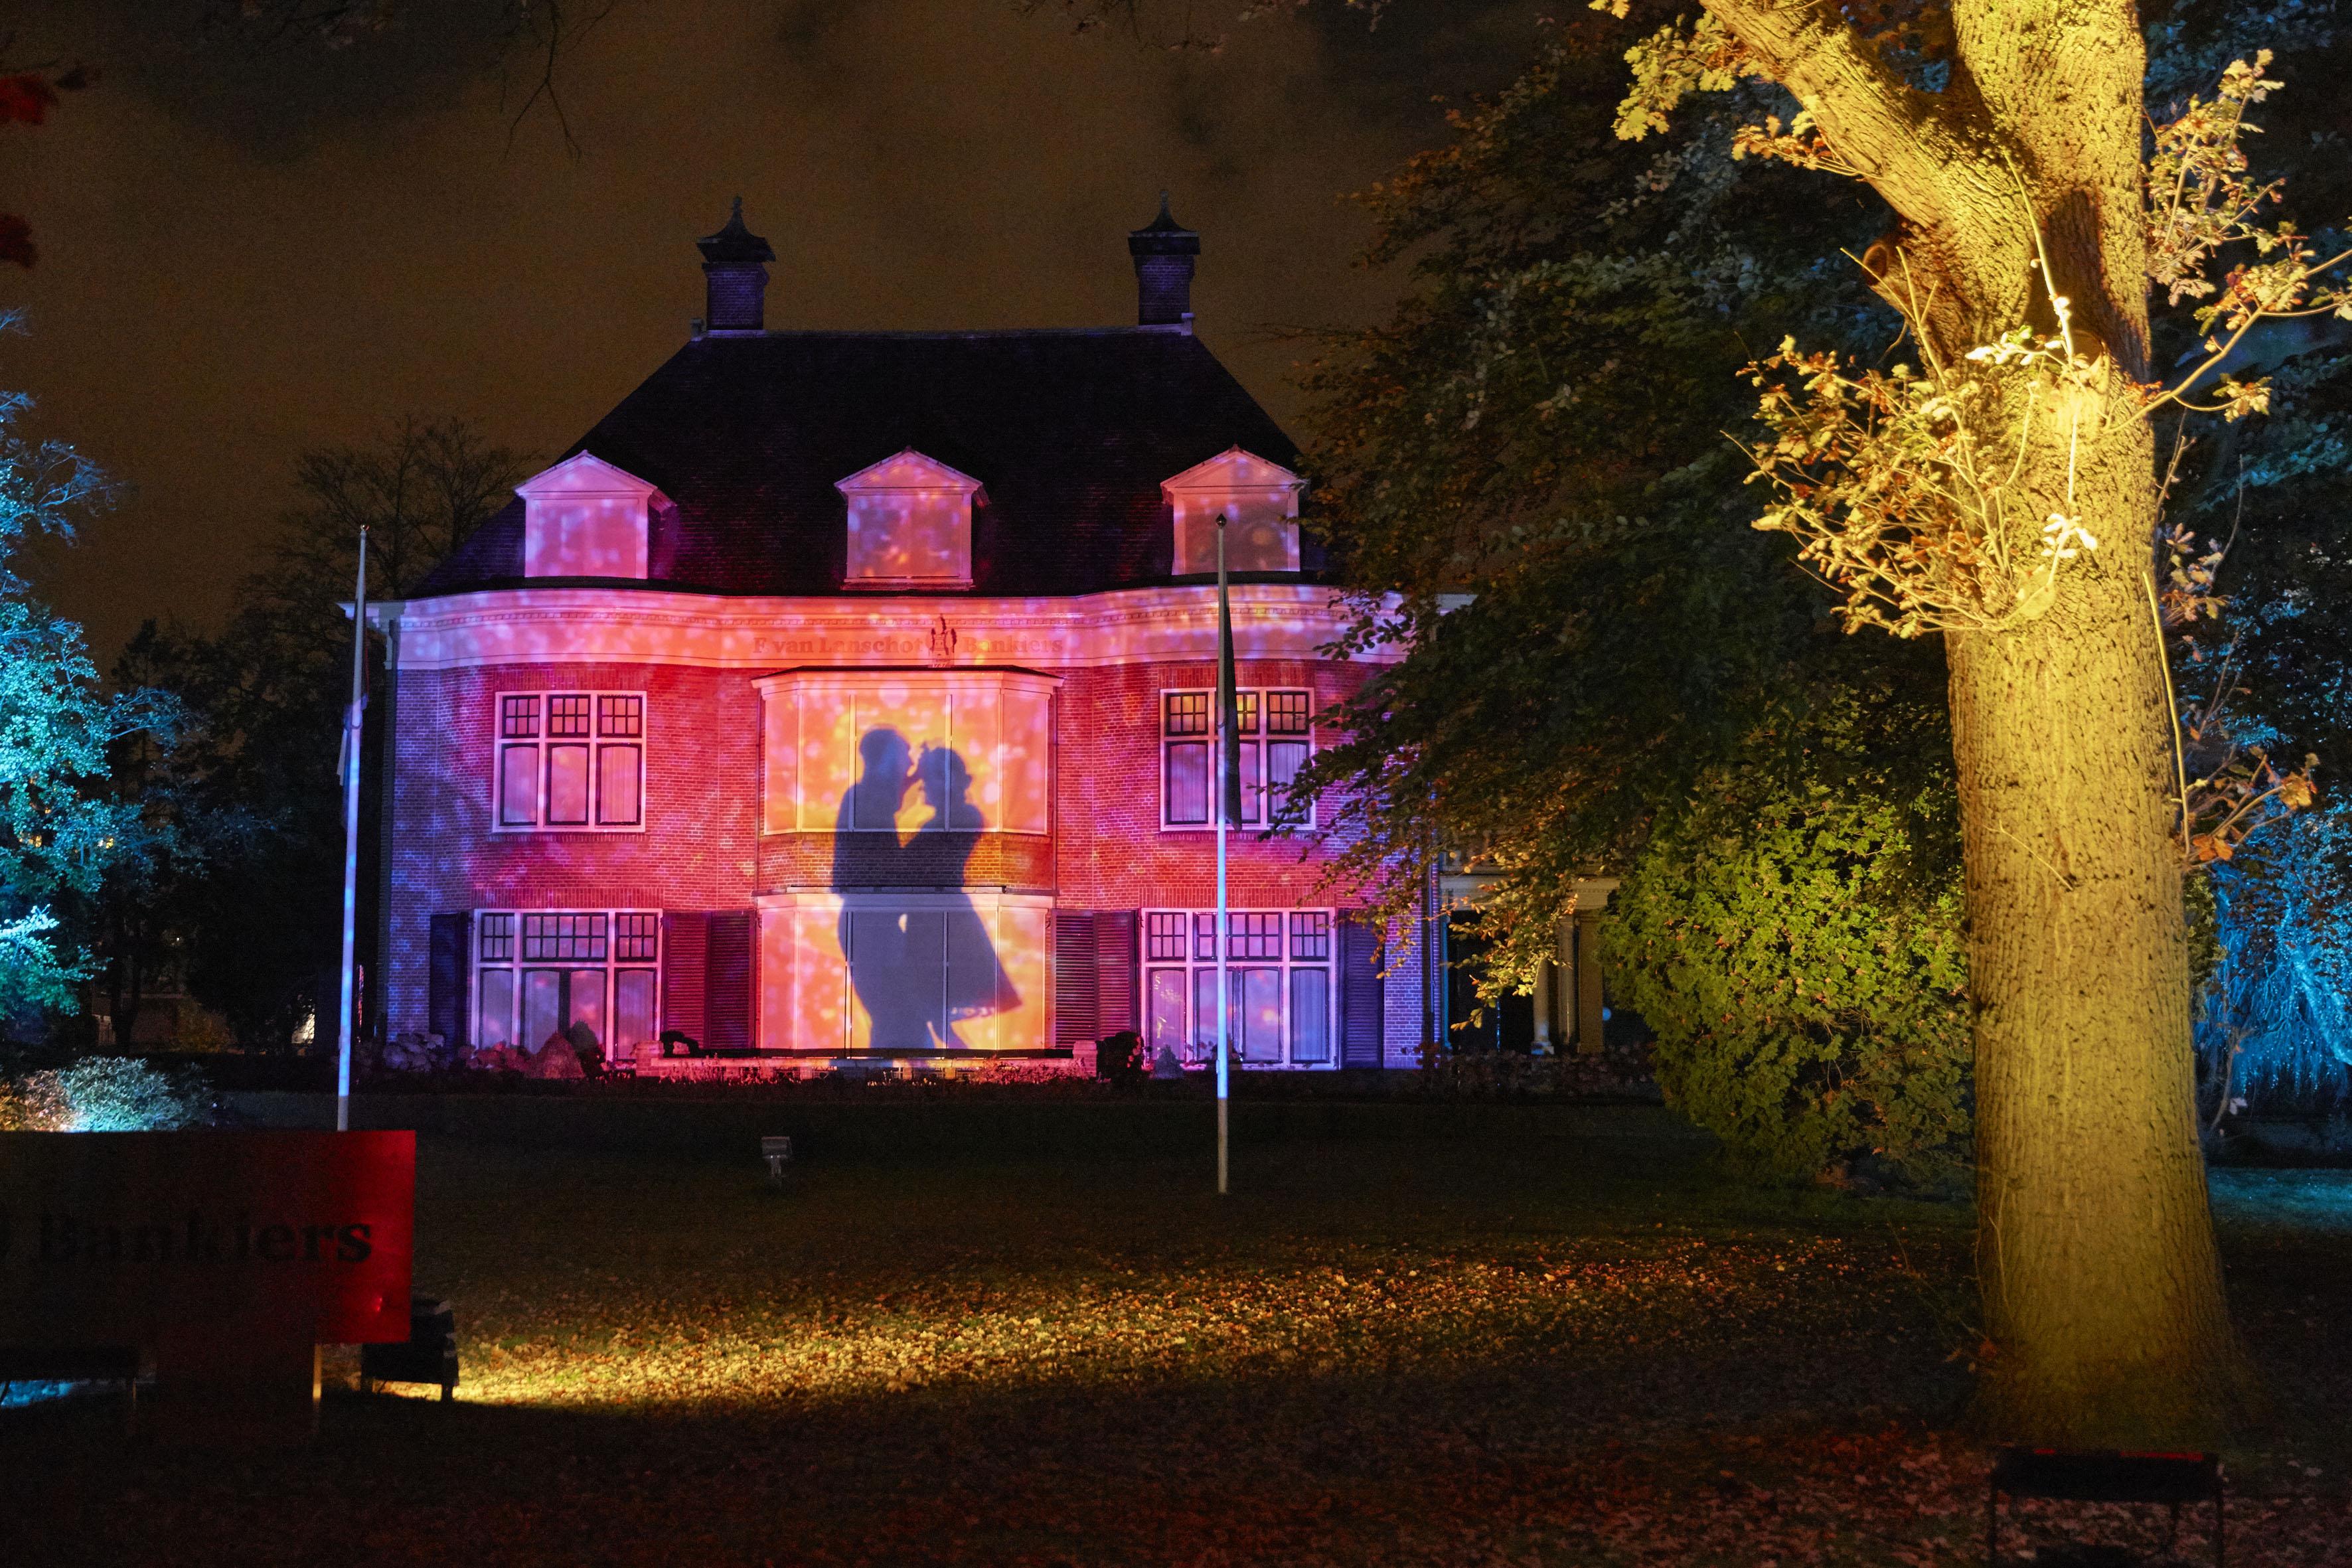 GLOW 2014 Villas Parklaan Les Orpailleurs de Lumière; Parklaan Flashback. © Claus Langer